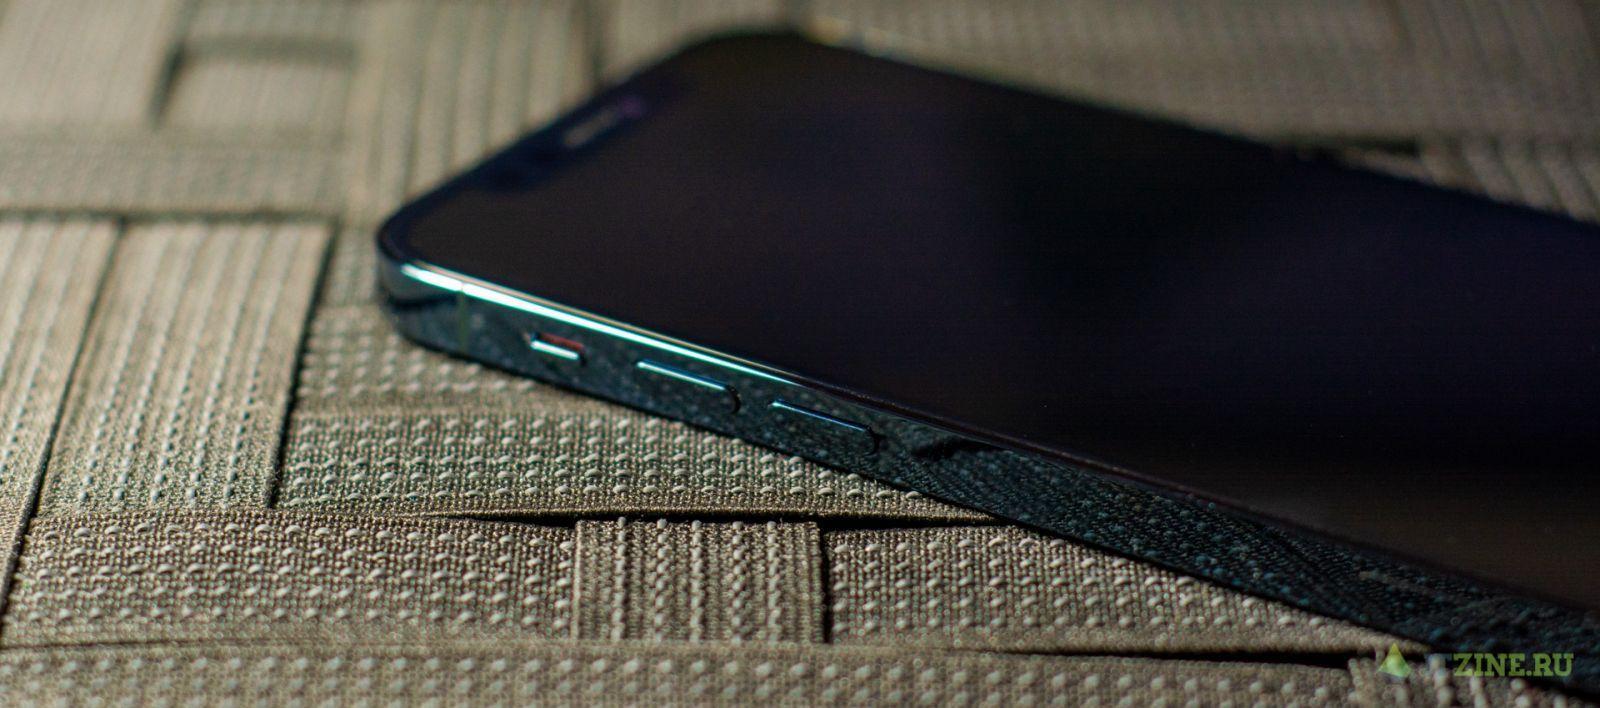 Блестящие боковые грани iPhone 12 Pro